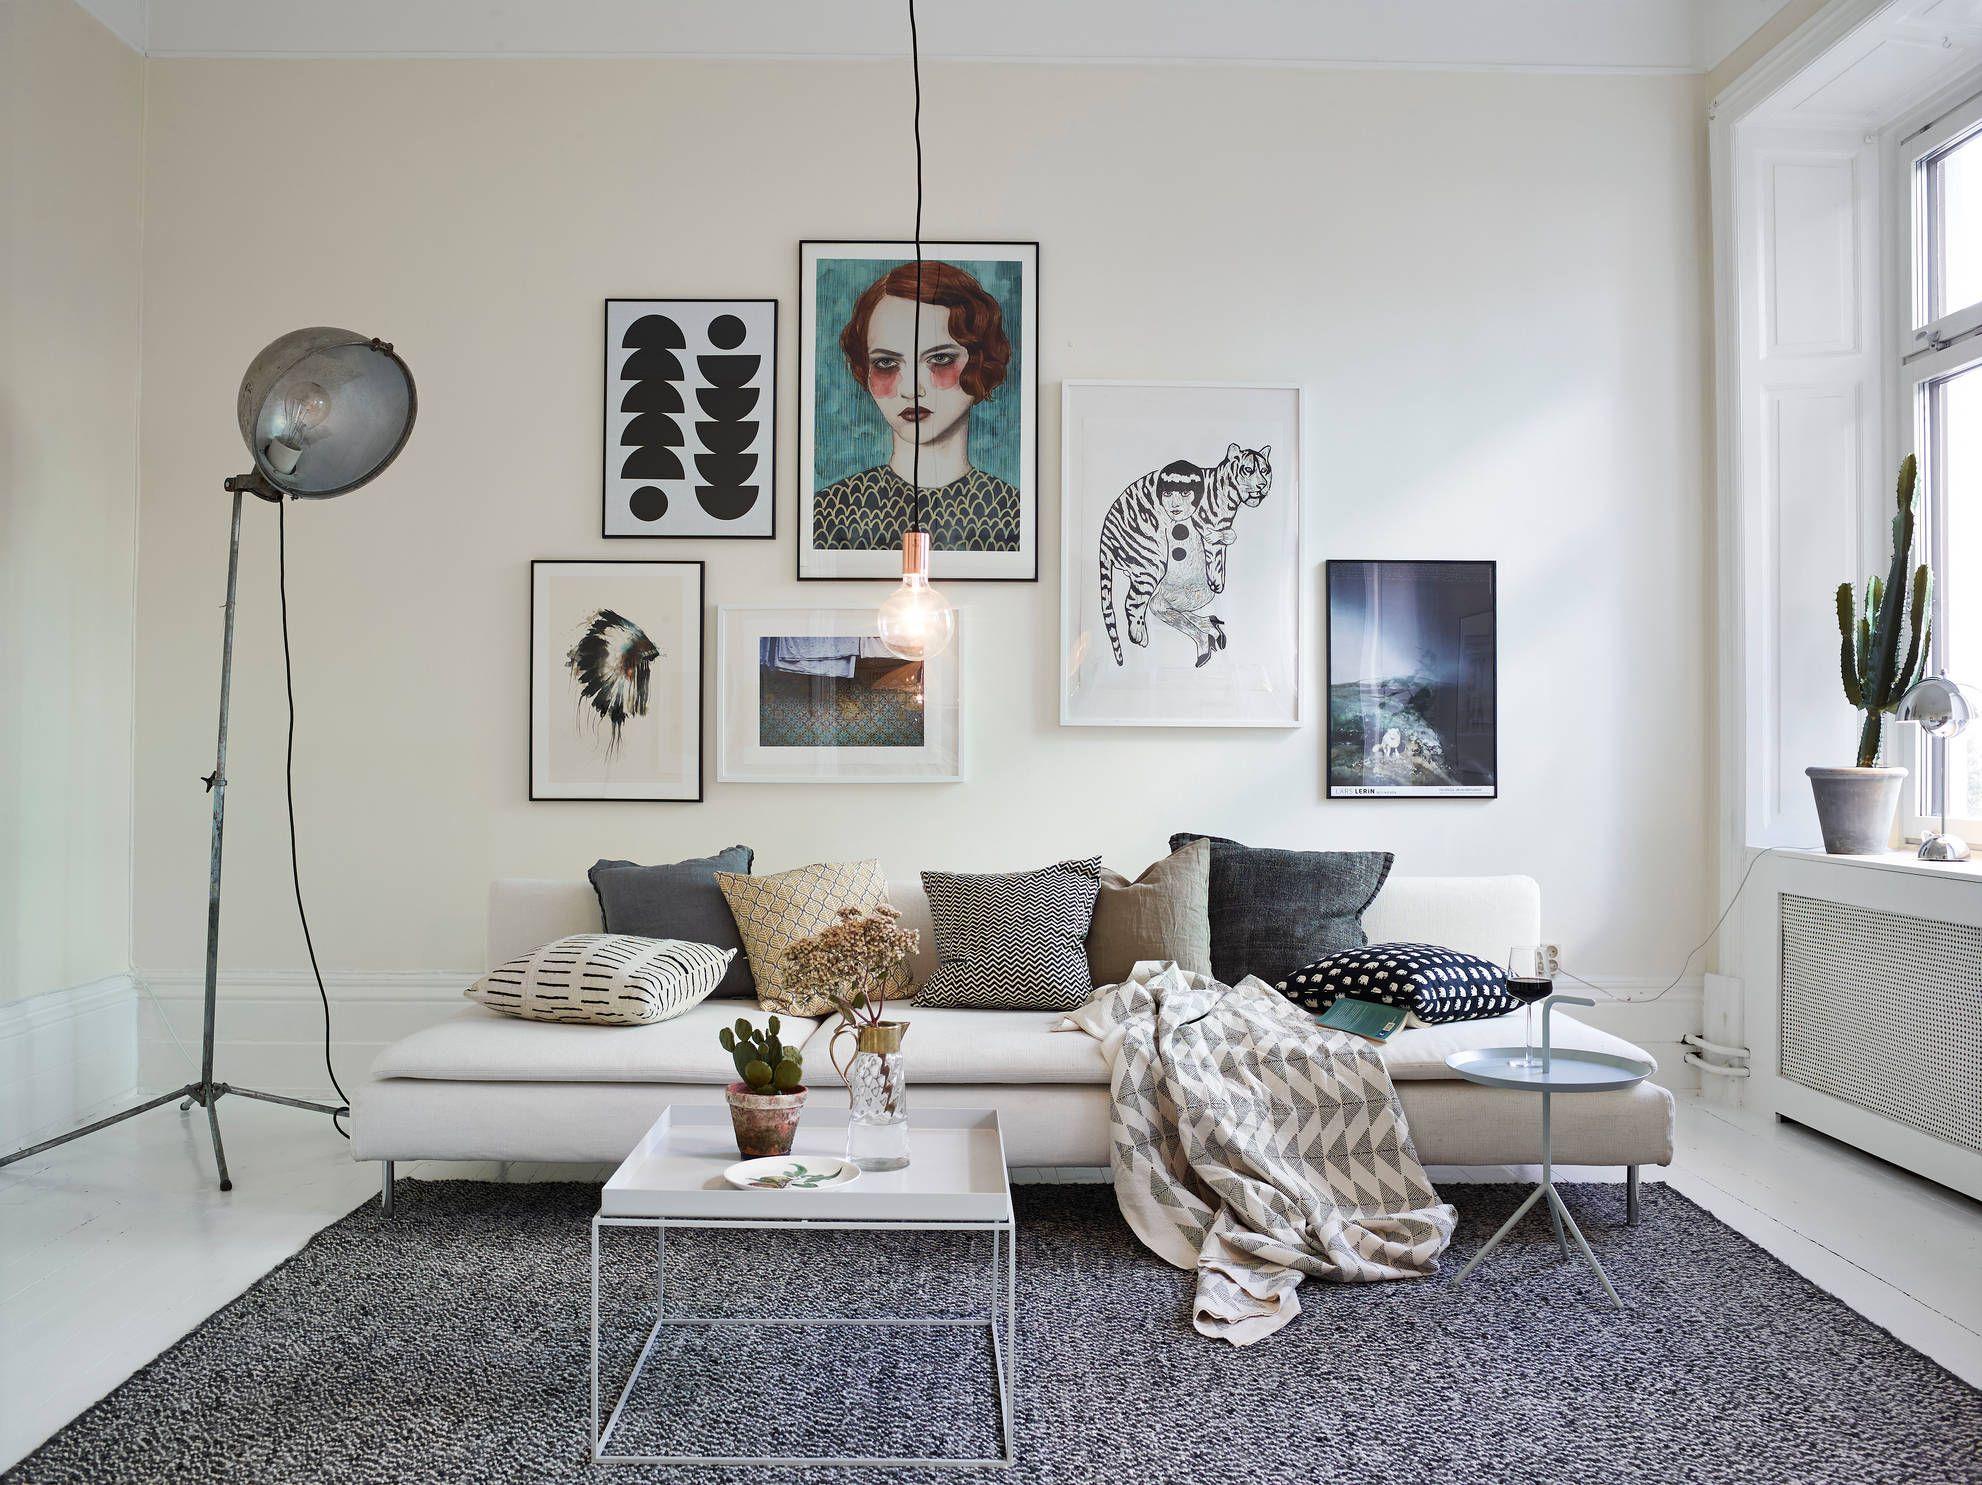 Sitzbank wohnzimmer ~ Best wohnzimmer ideen images